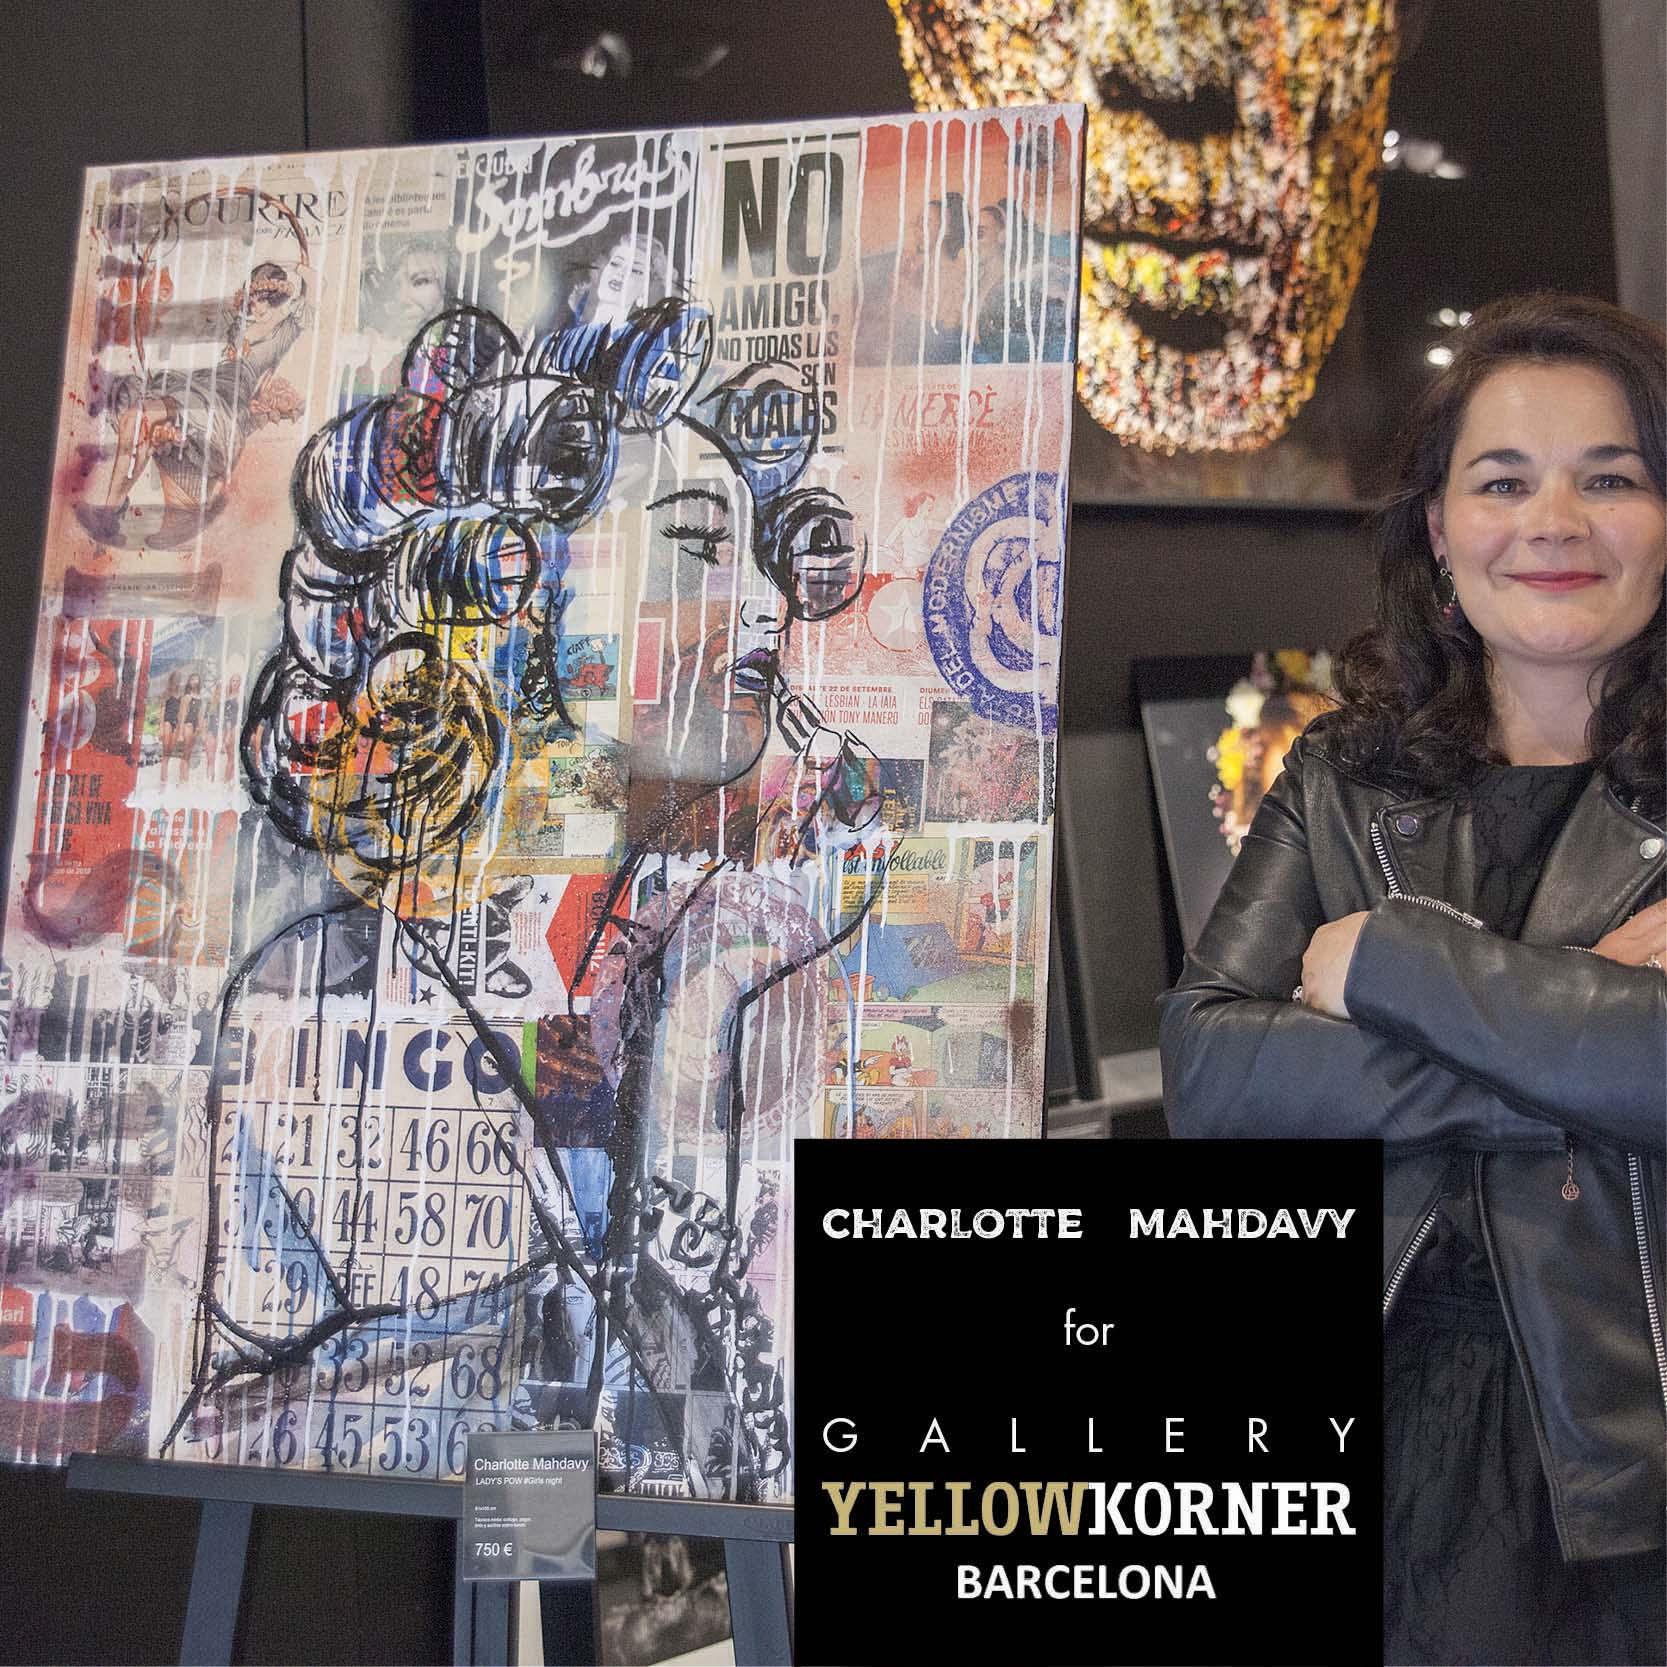 CHARLOTTE MAHDAVY YELLOW KORNER BARCELONE